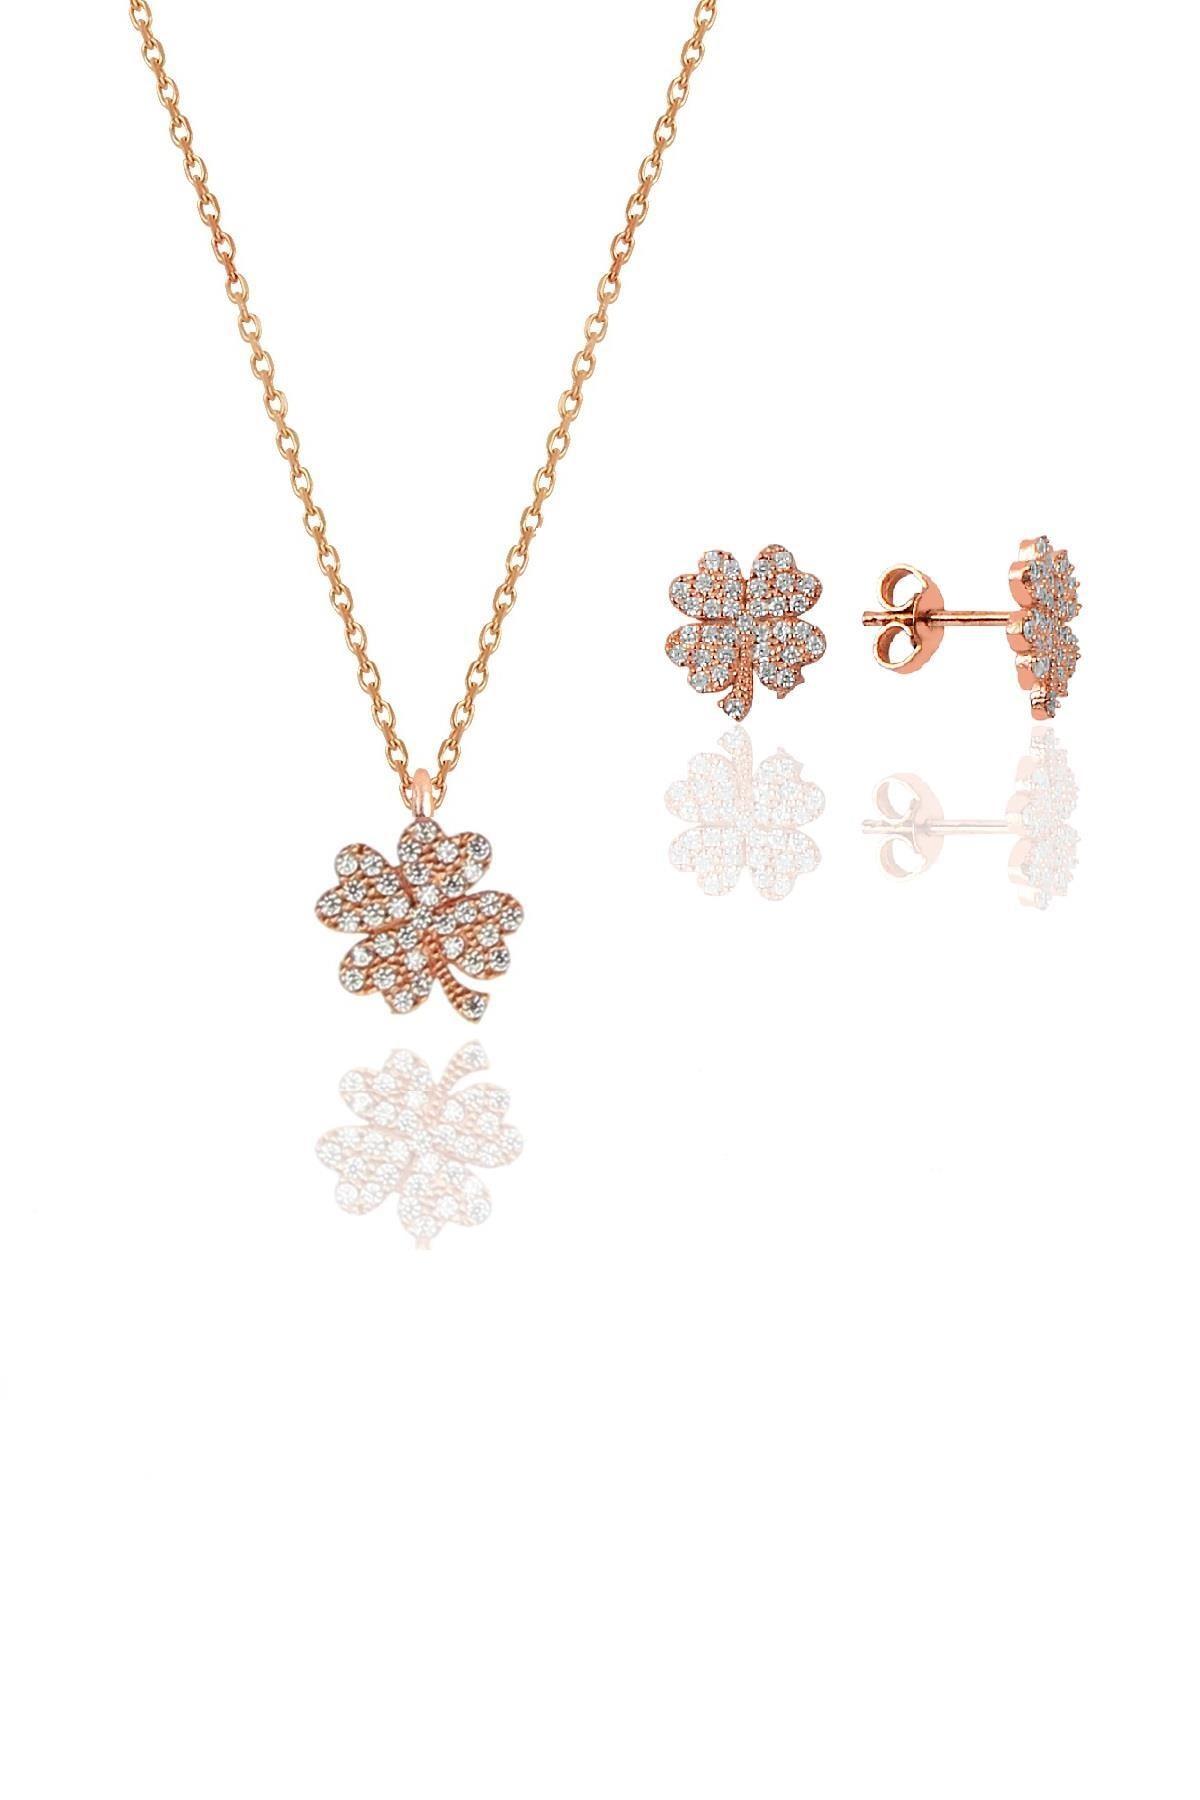 Söğütlü Silver Gümüş rose zirkon taşlı yonca kolye ve küpe gümüş ikili set